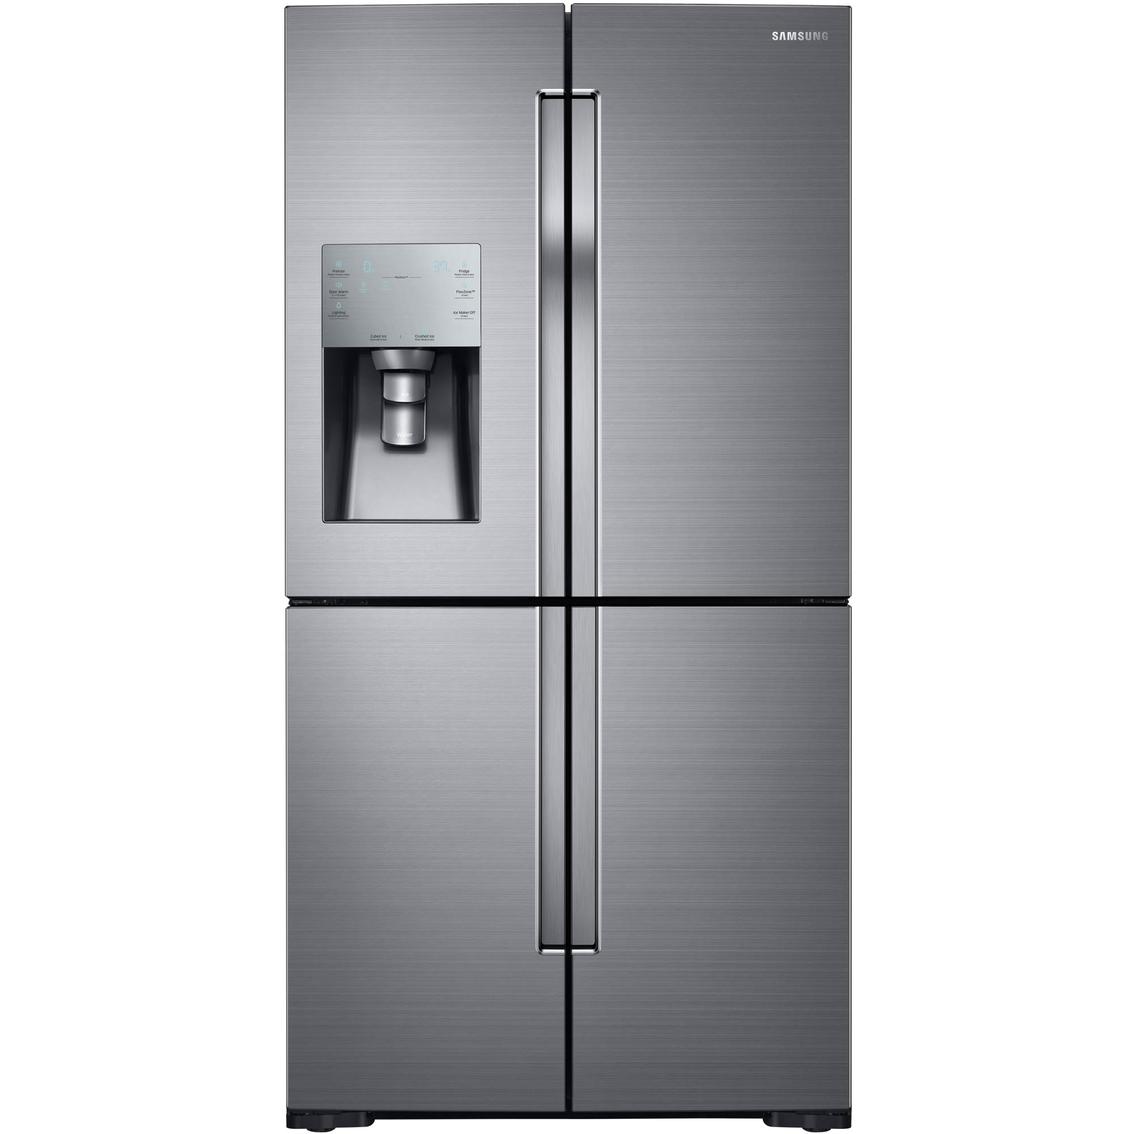 Ft. 4 Door Flex Refrigerator With FlexZone